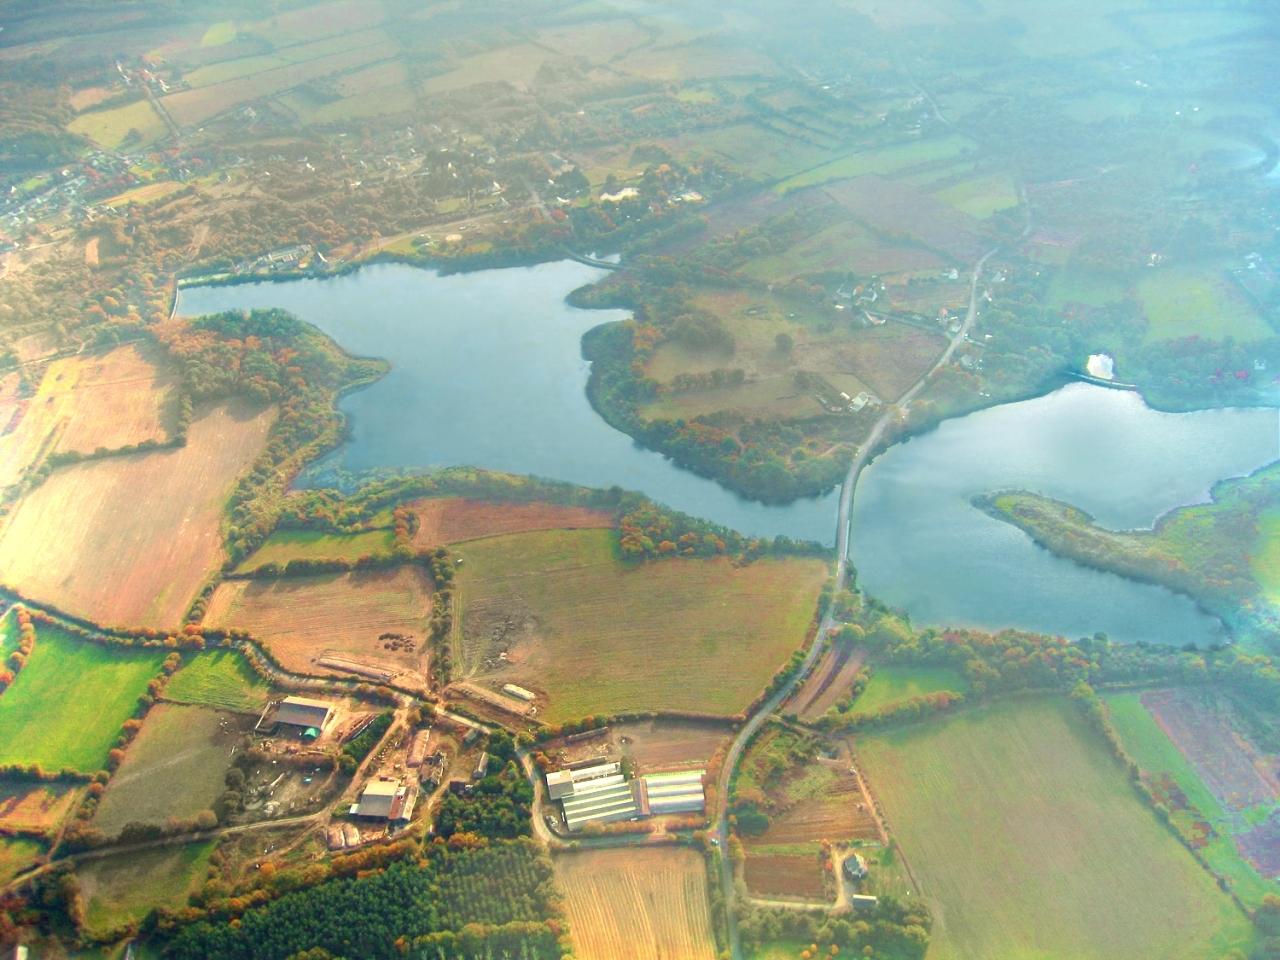 Photo aerienne de l'étang de Sandun